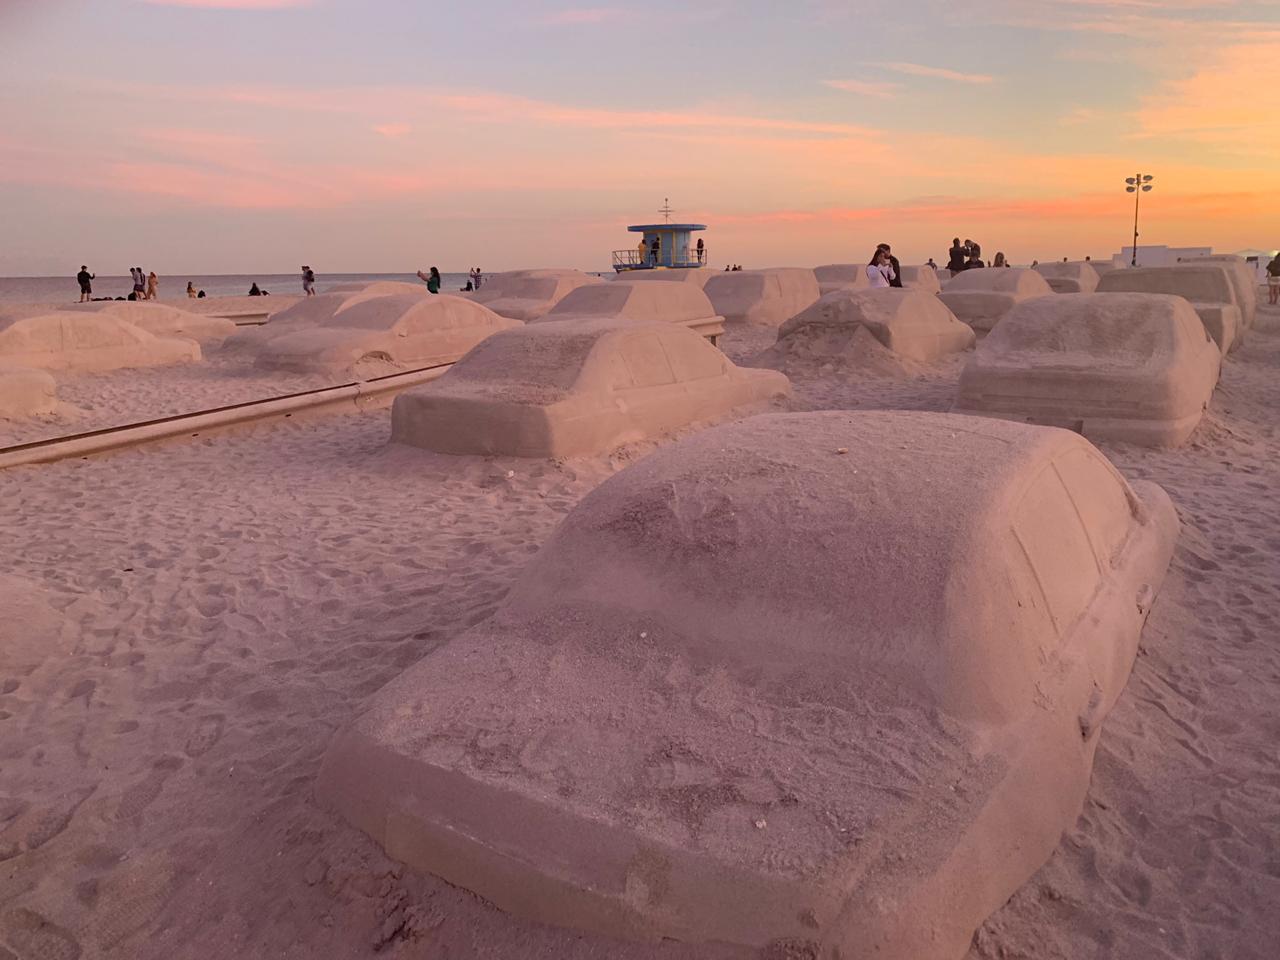 Un embotellamiento en la playa, la genial obra de Leandro Erlich en Miami (13)